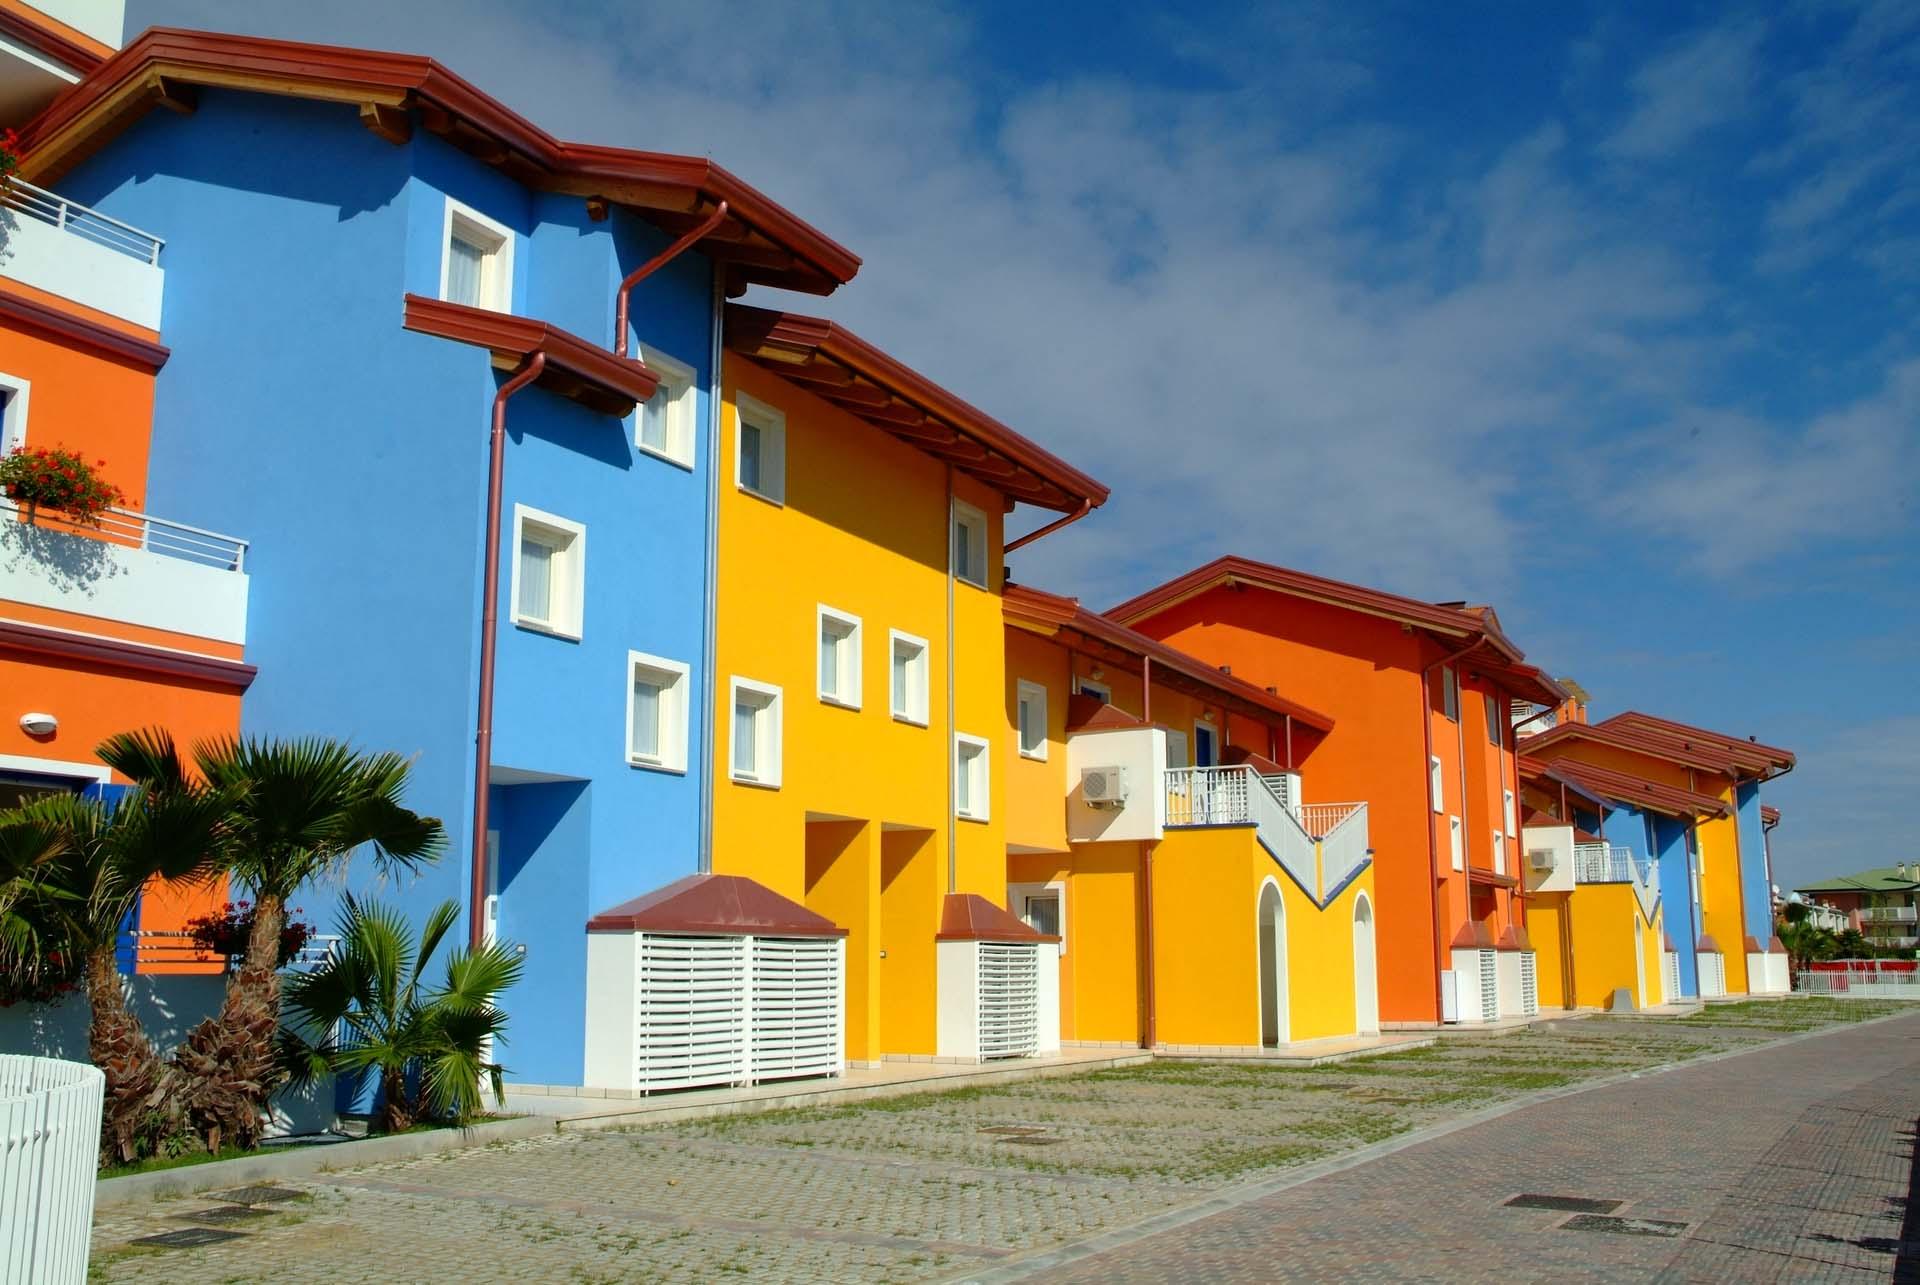 Concept house casa modello rewood ille case in legno for Grandi planimetrie per le case